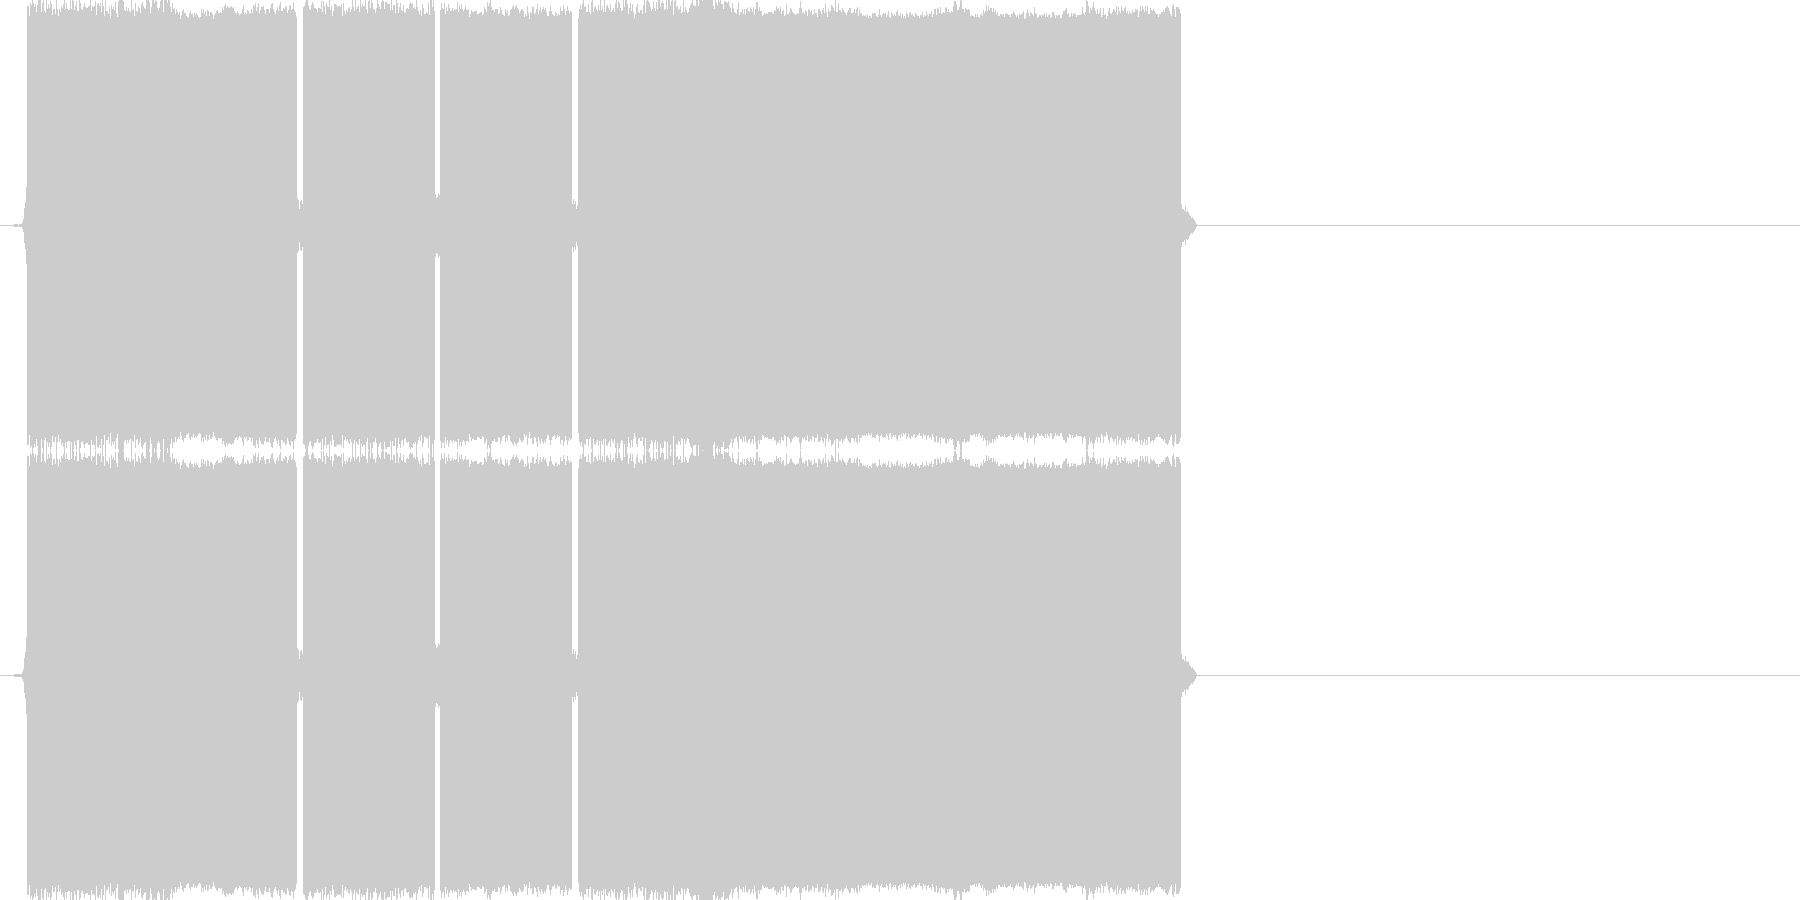 ピロピロピロー(正解の音)の未再生の波形